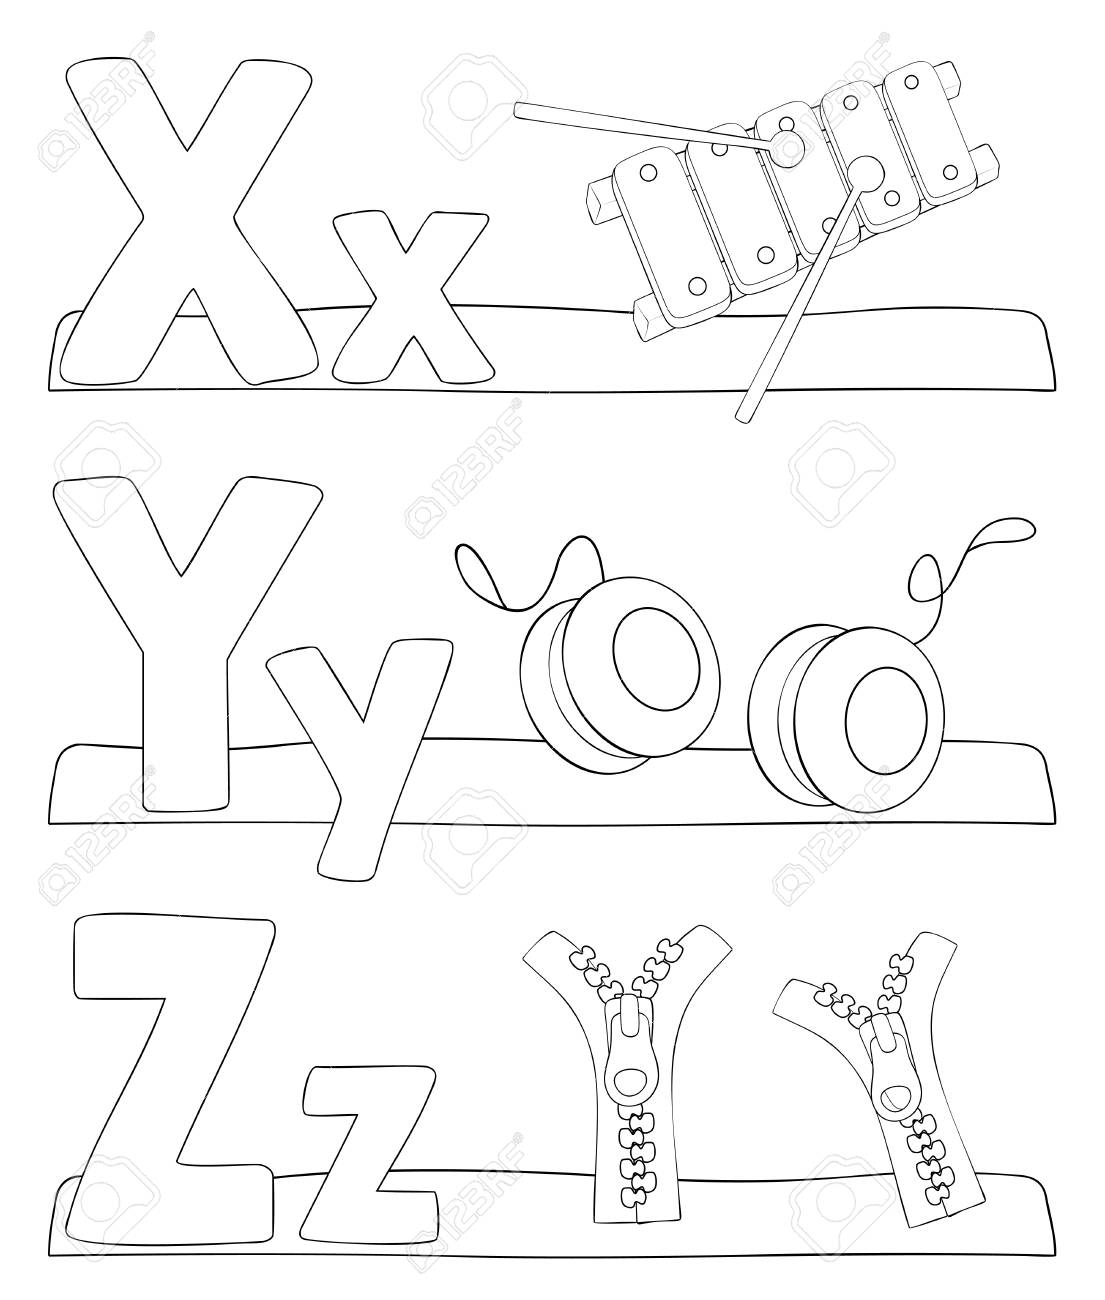 Ungewöhnlich Malvorlagen Alphabet Buchstaben Bilder - Malvorlagen ...